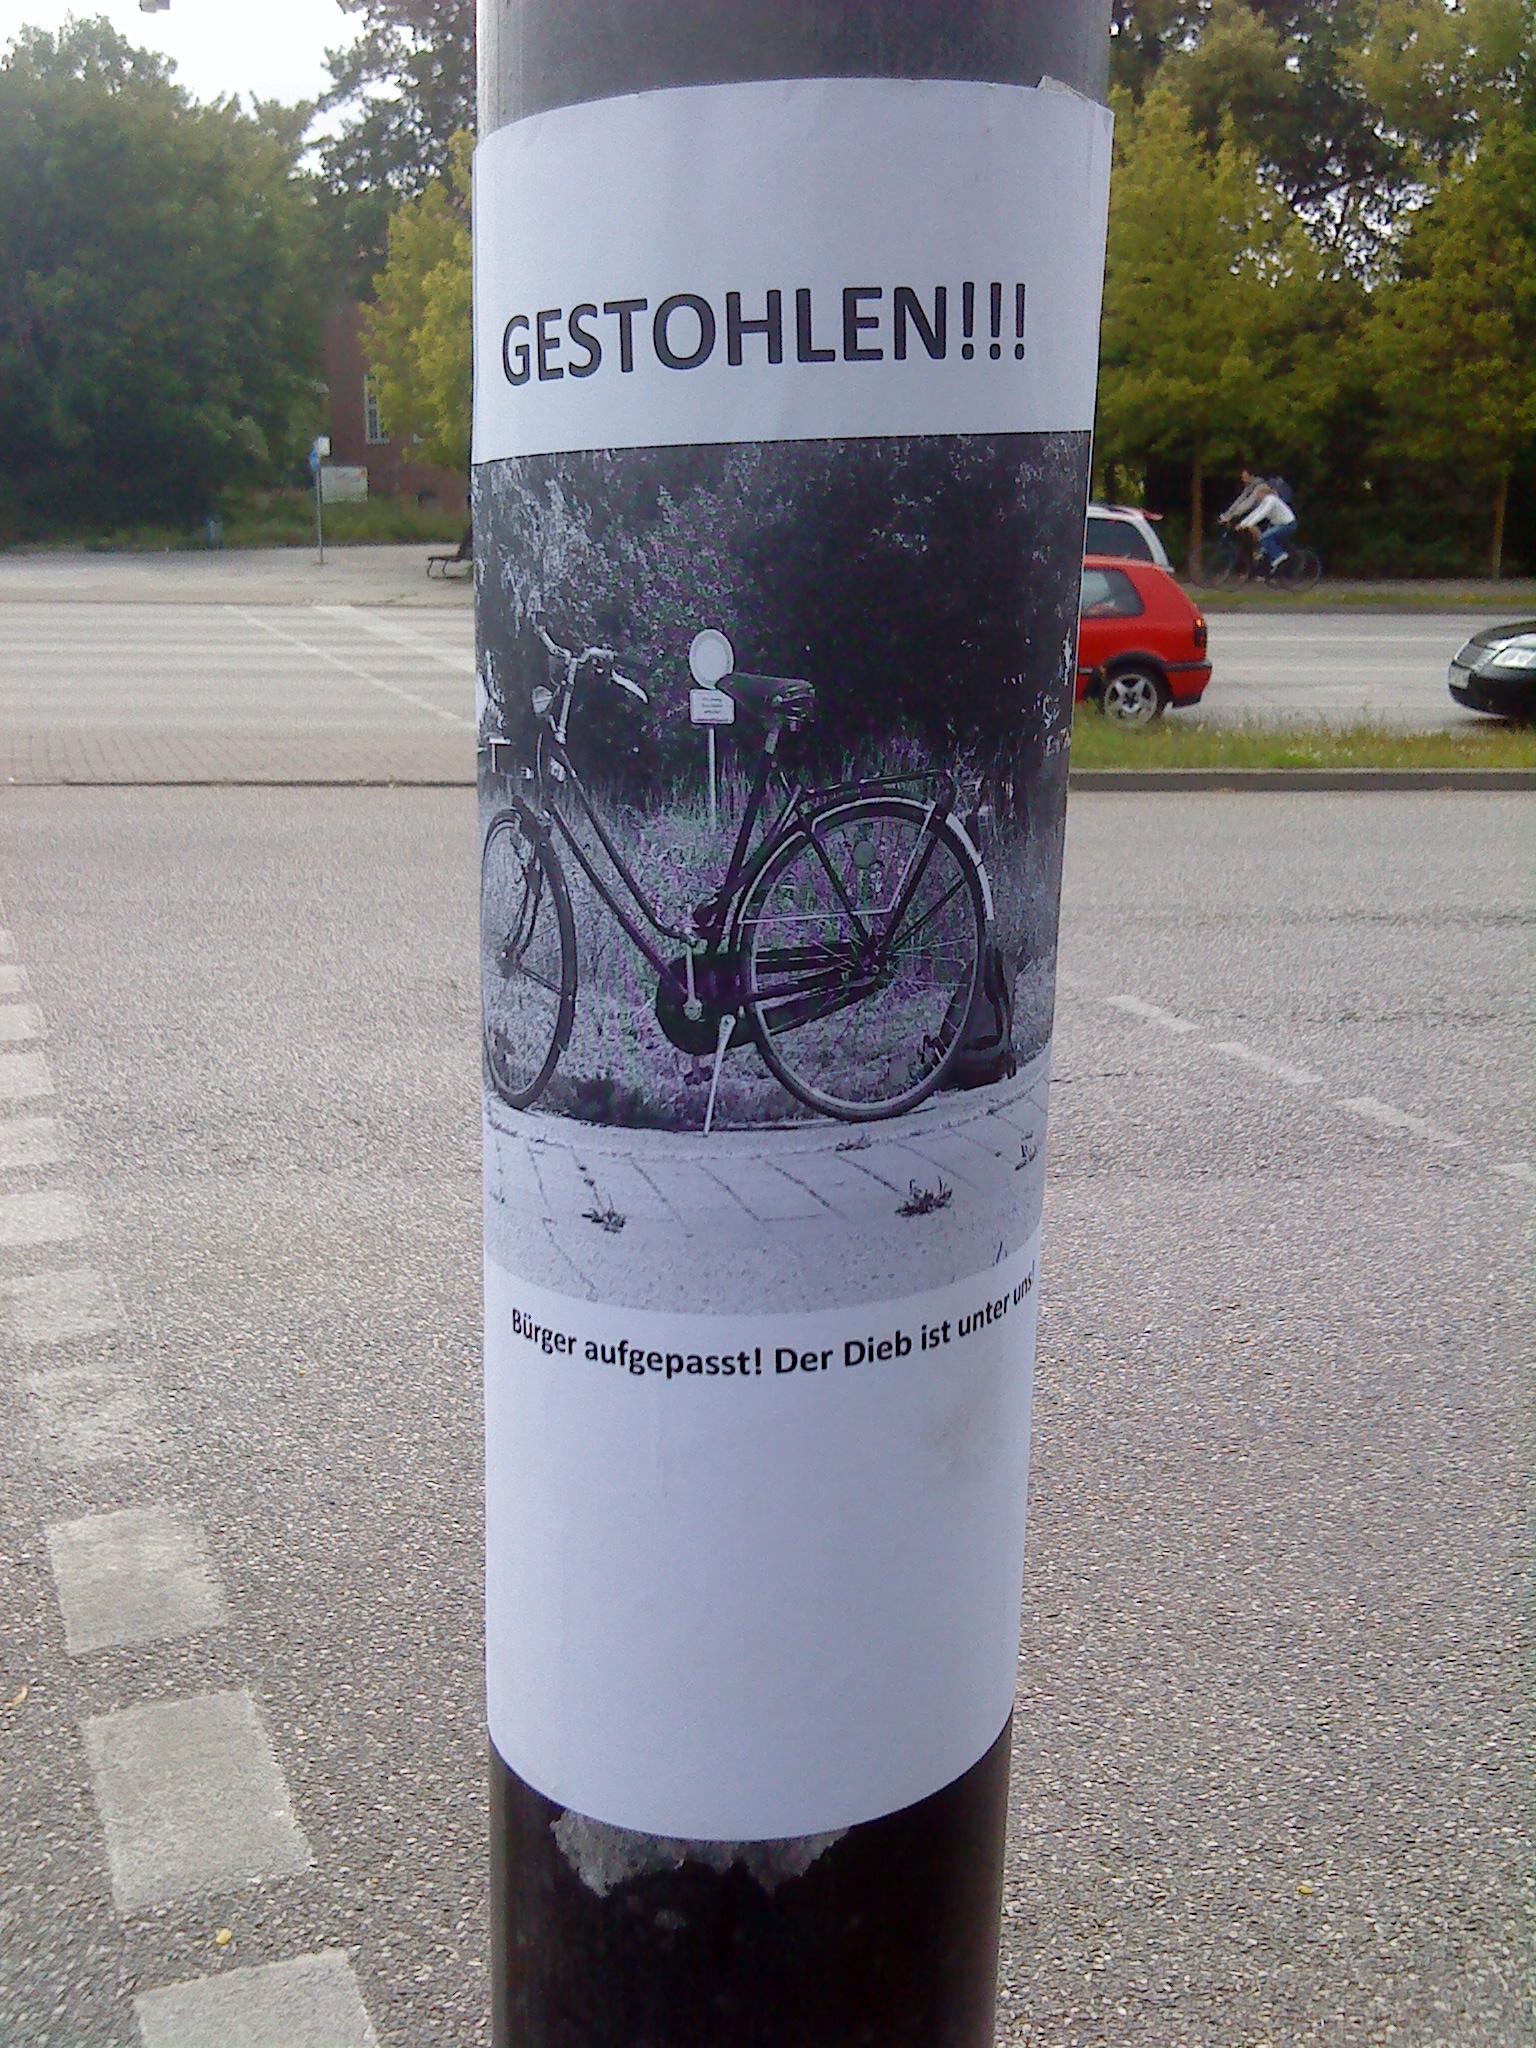 Fahrrad gestohlen!!!